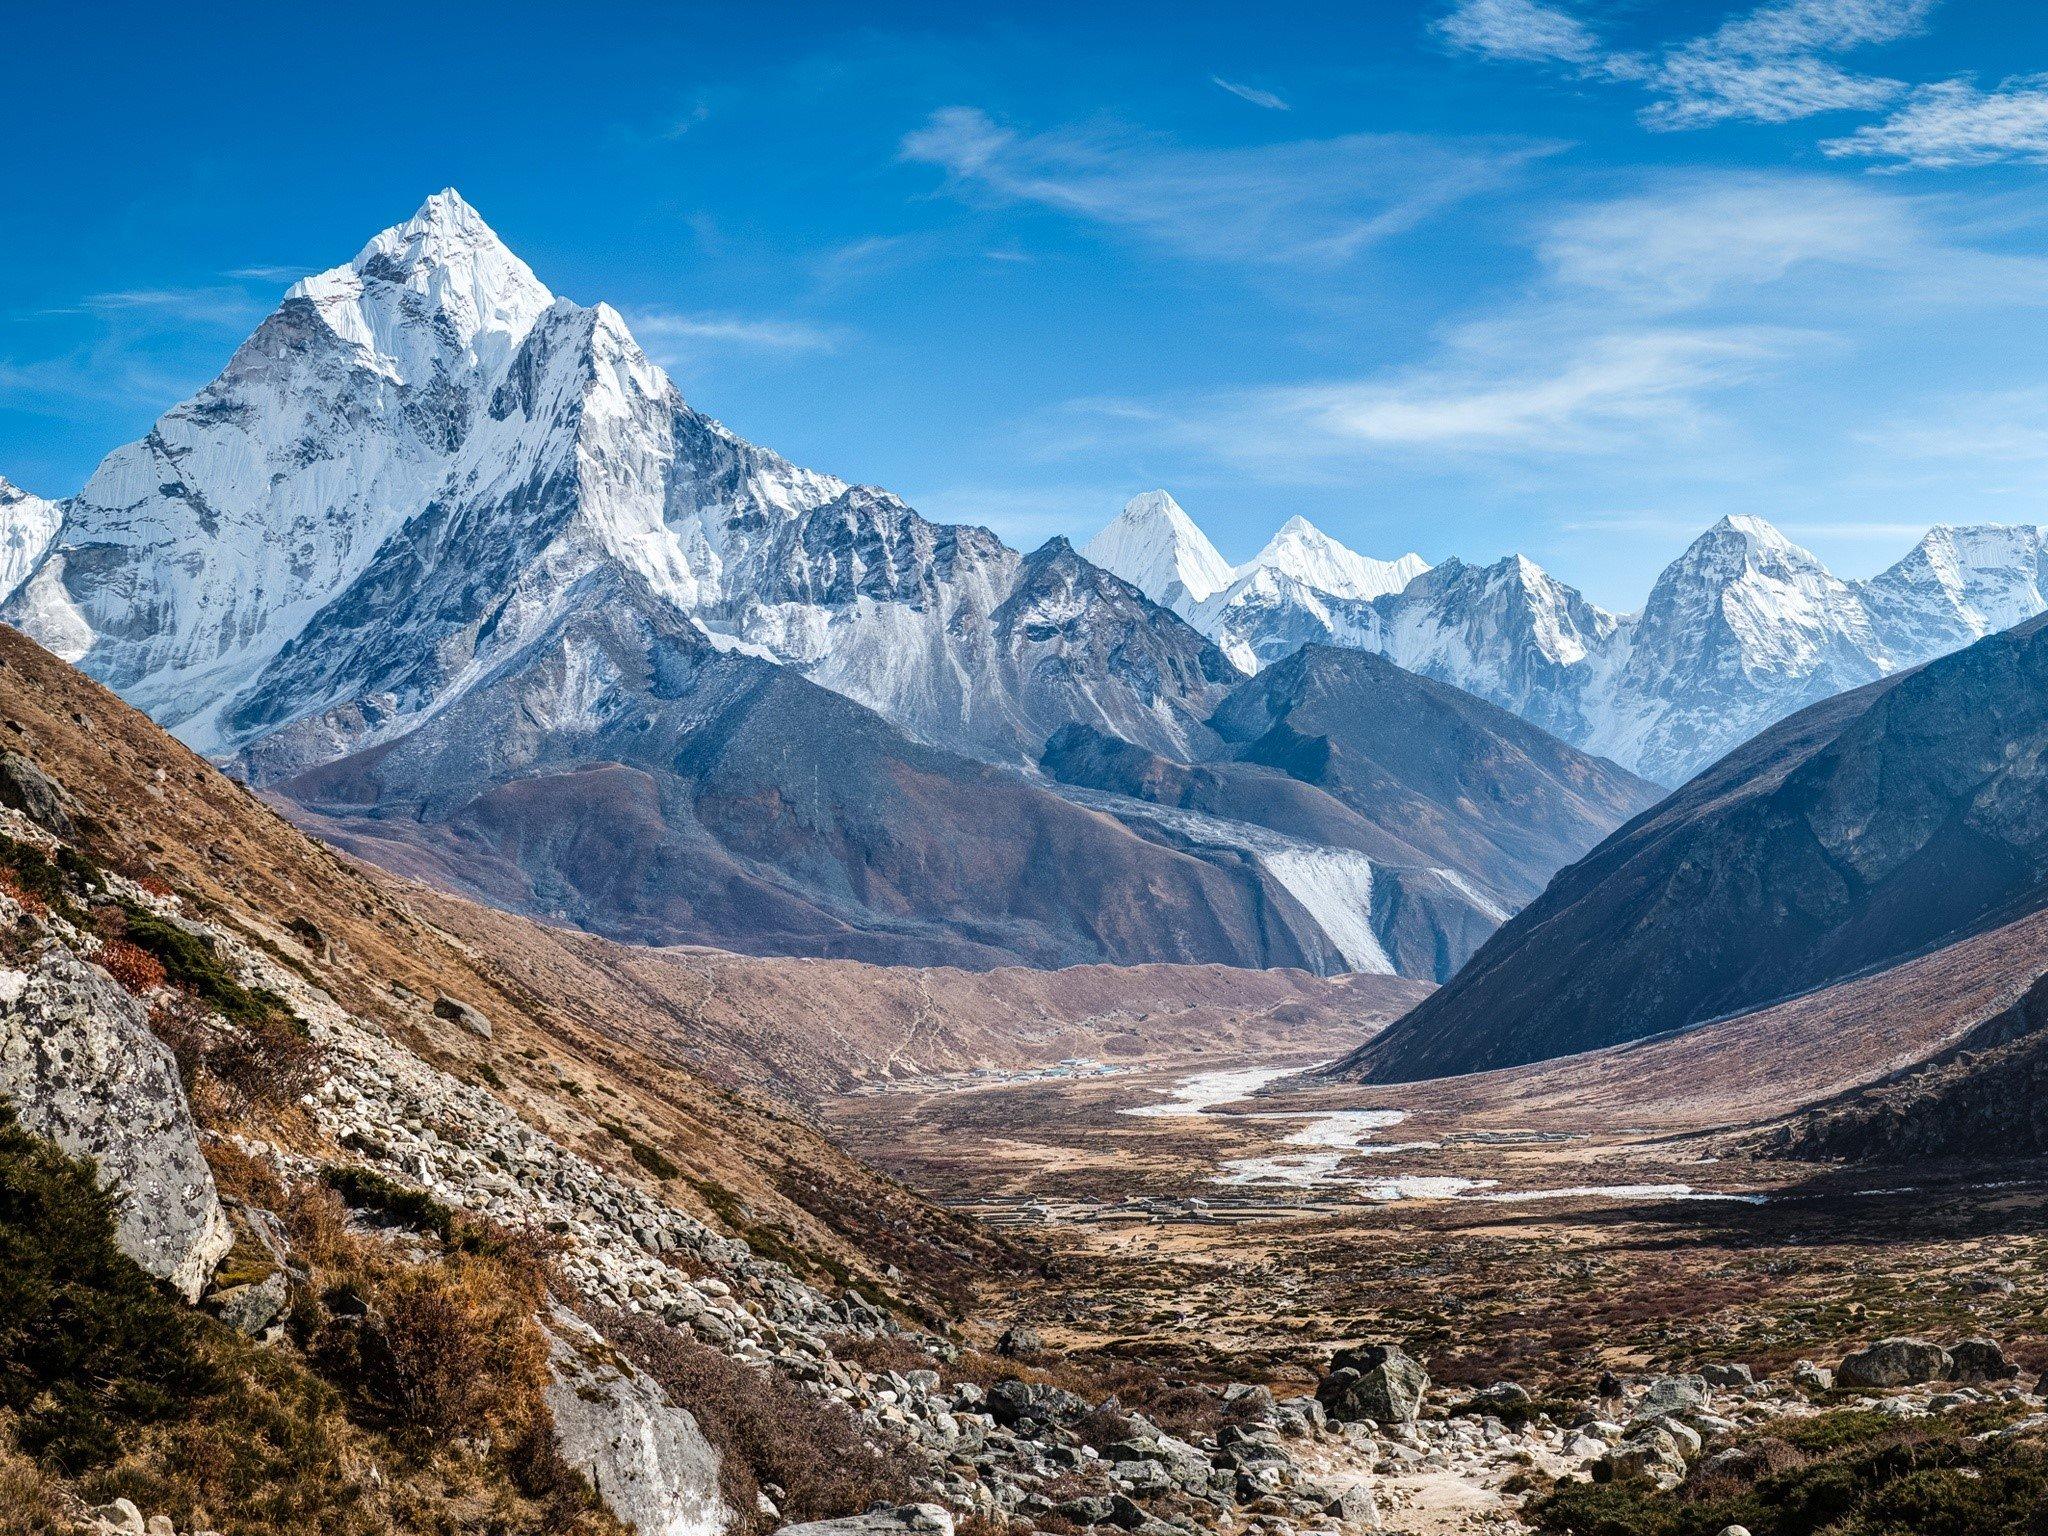 Fondos de pantalla Montañas Ama Dablam en el Himalaya